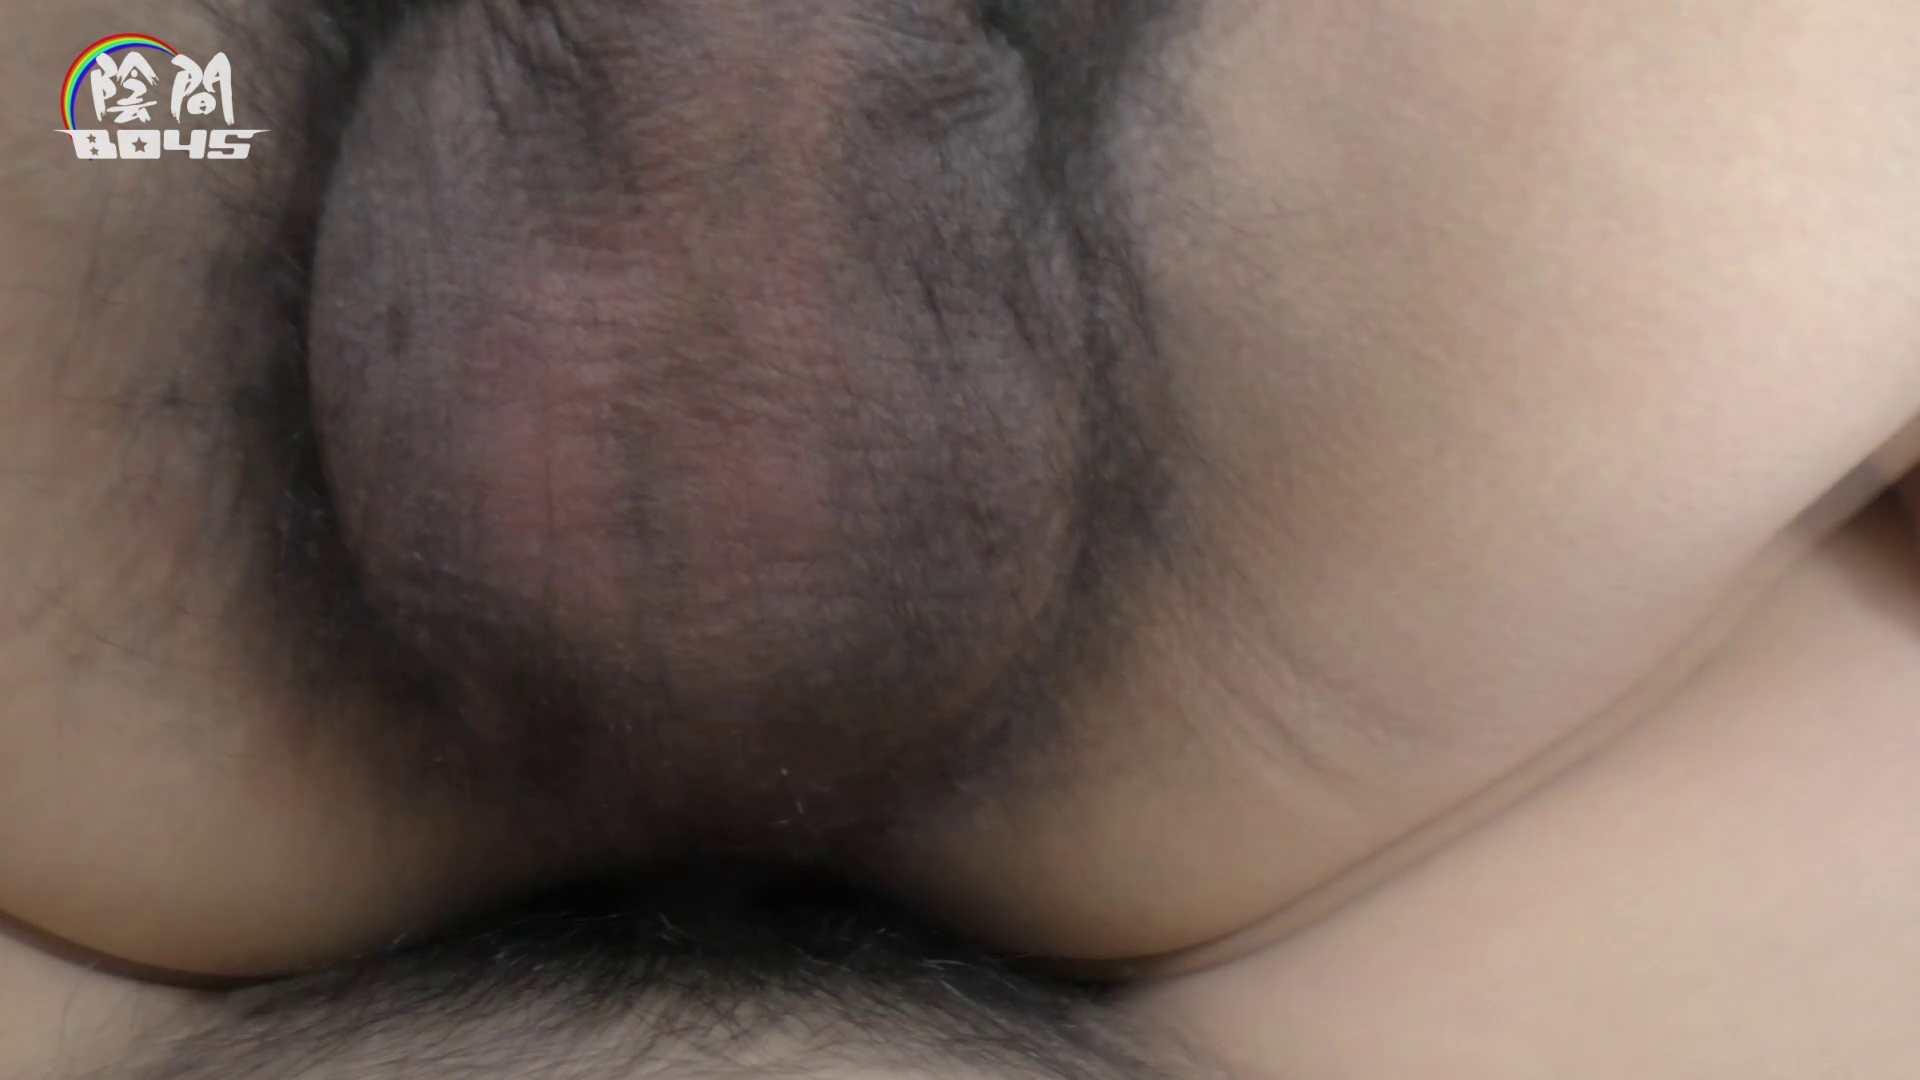 アナルは決して眠らない No.07 無修正 ゲイ無修正動画画像 66pic 4